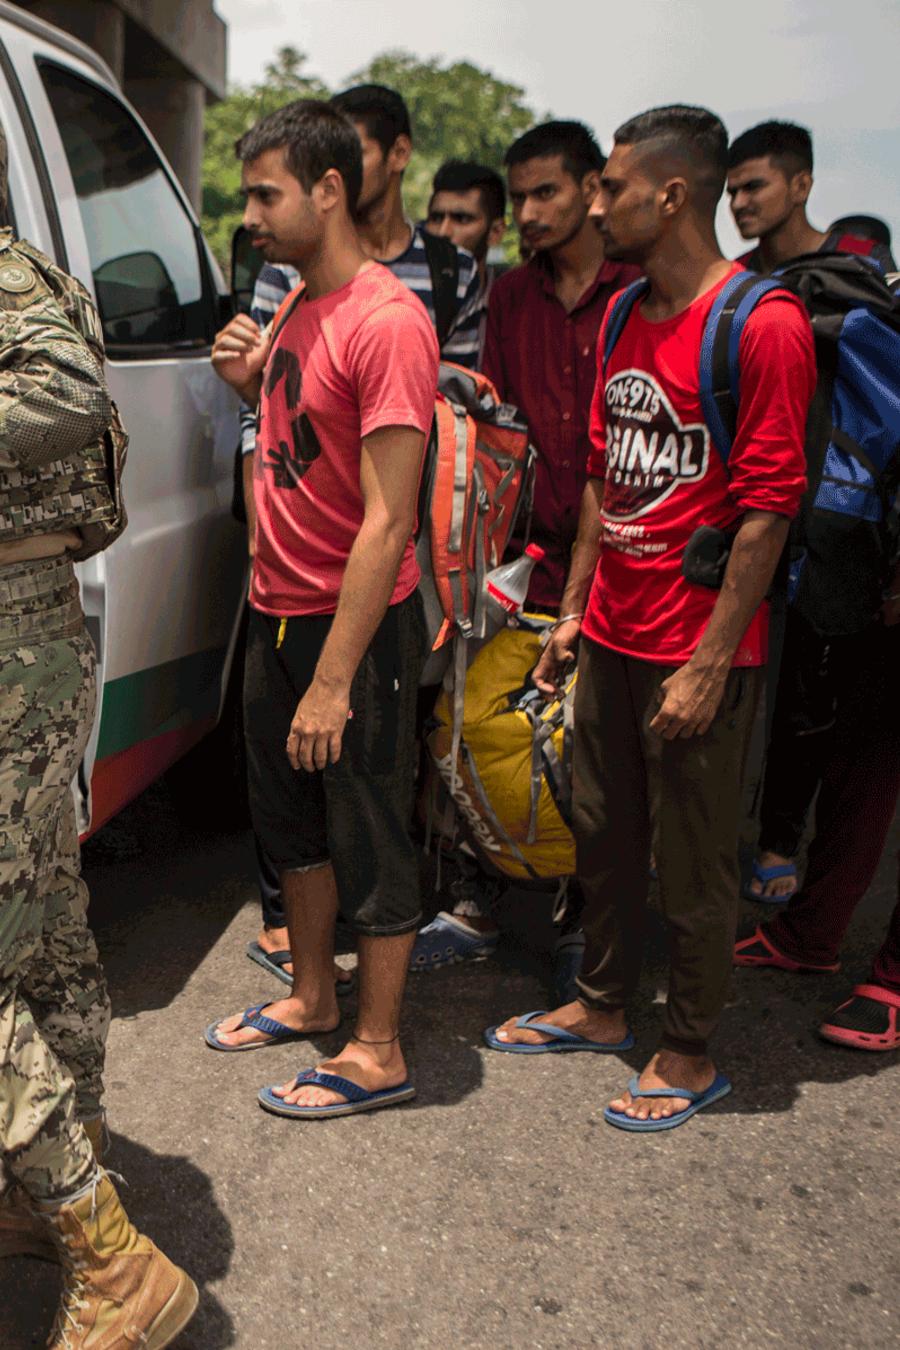 Un grupo de inmigrantes de India, Bangladesh y Pakistán son detenidos por autoridades mexicanas en Tapachula, México.